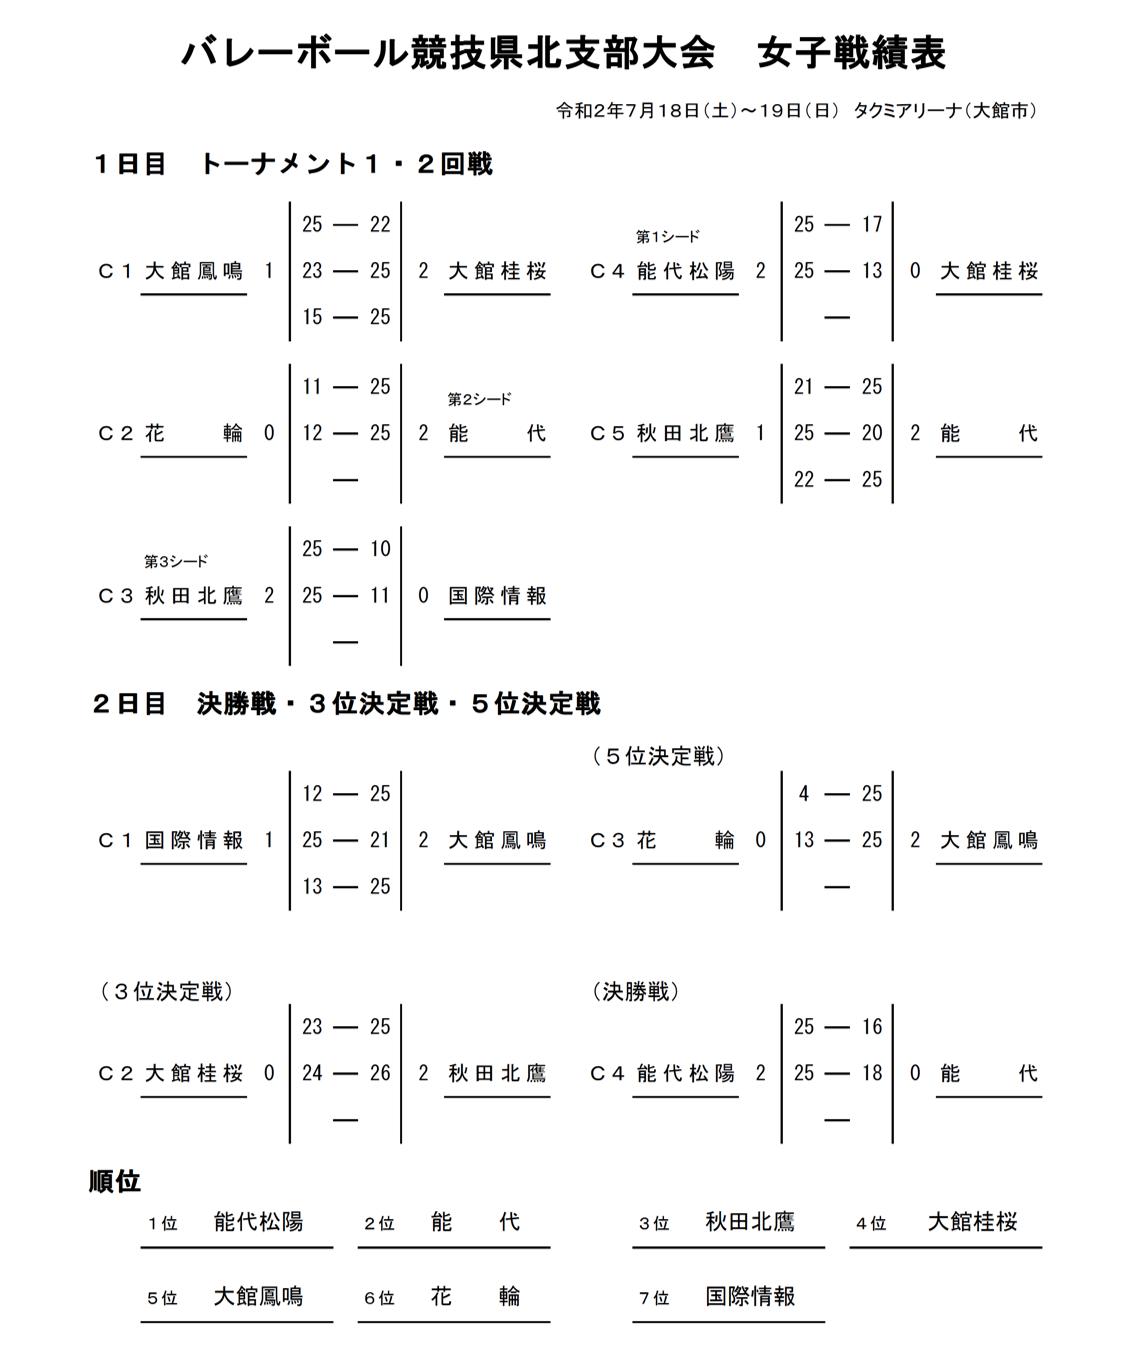 2020_秋田代替大会_県北地区_女子_戦績表